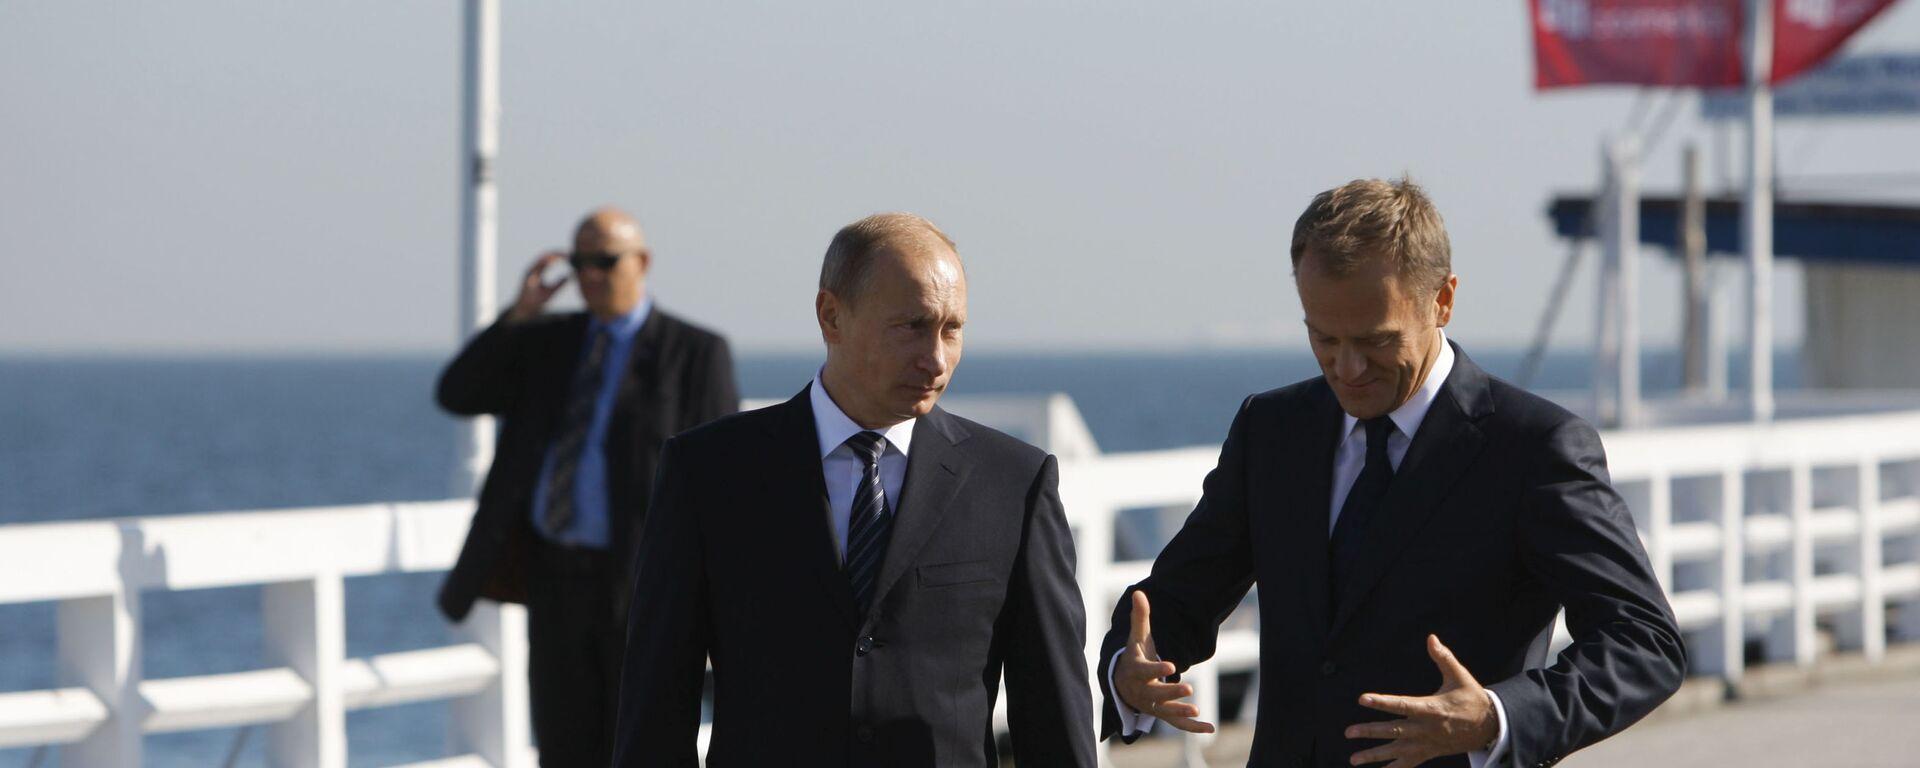 Władimir Putin na sopockim molo z Donaldem Tuskiem - Sputnik Polska, 1920, 29.07.2021